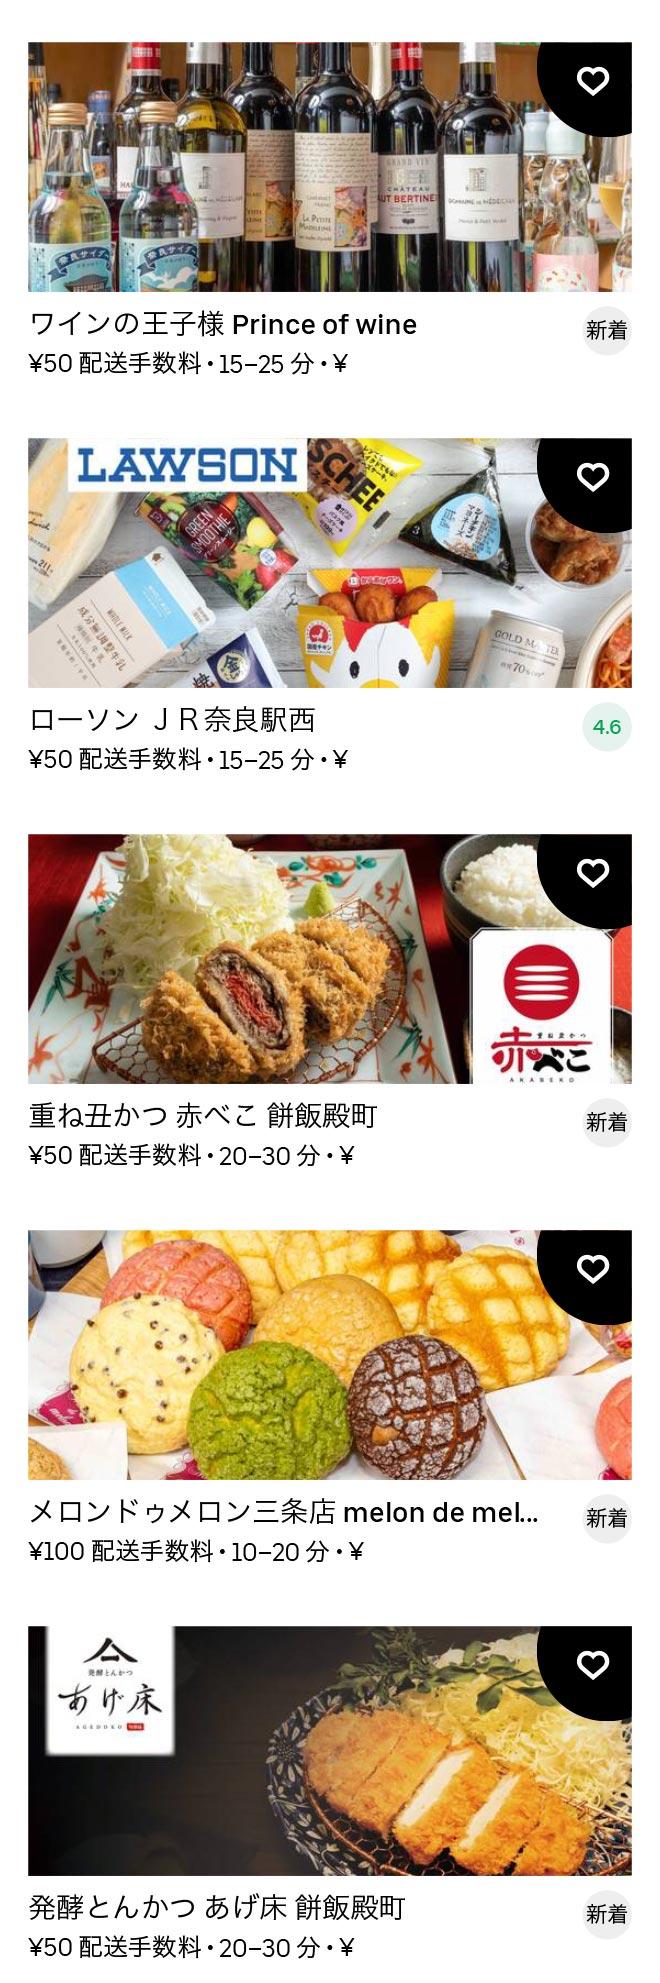 Nara menu 2011 05